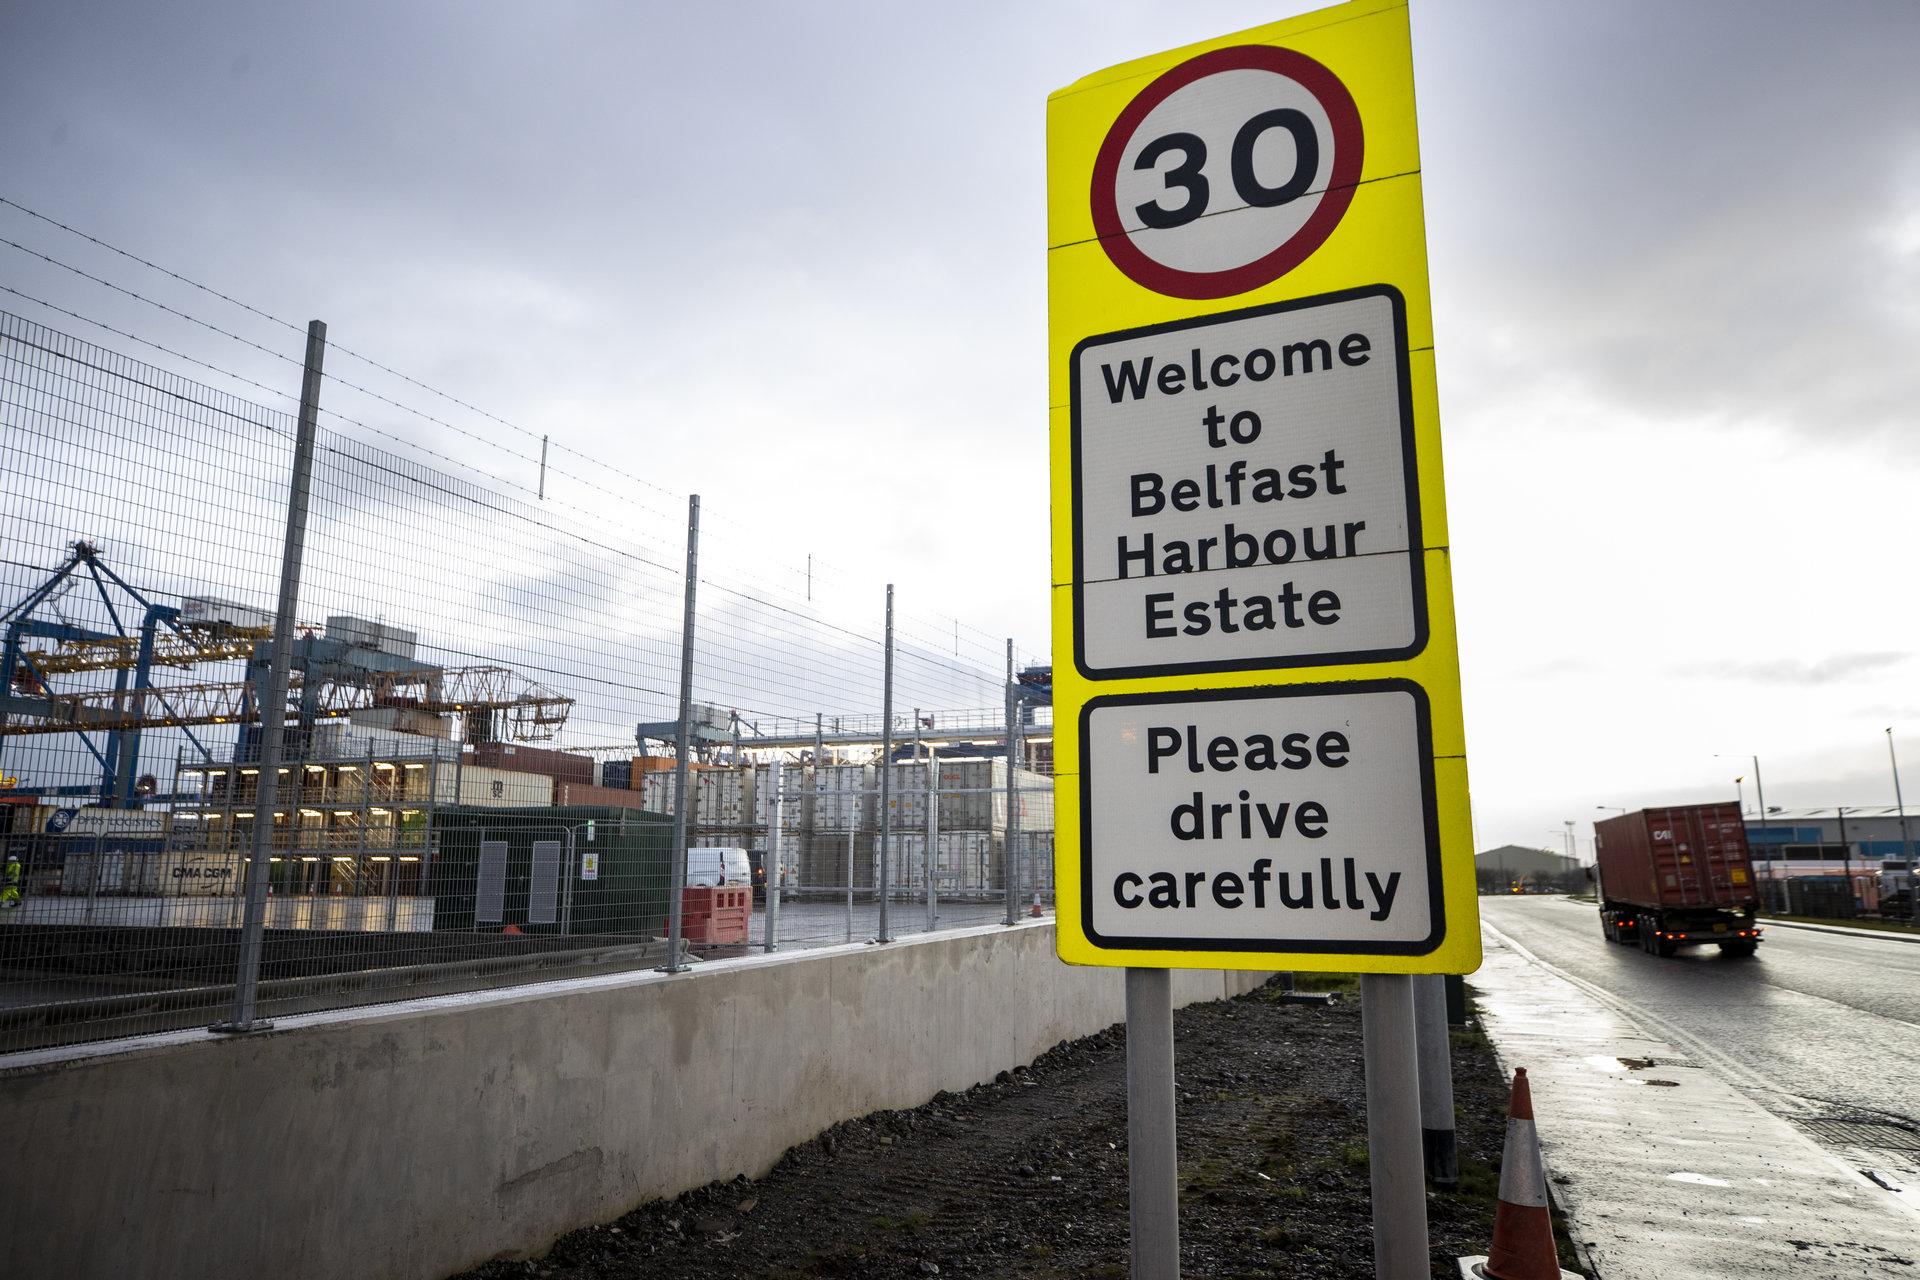 Jauno verslo iššūkiai ir galimybės Airijoje